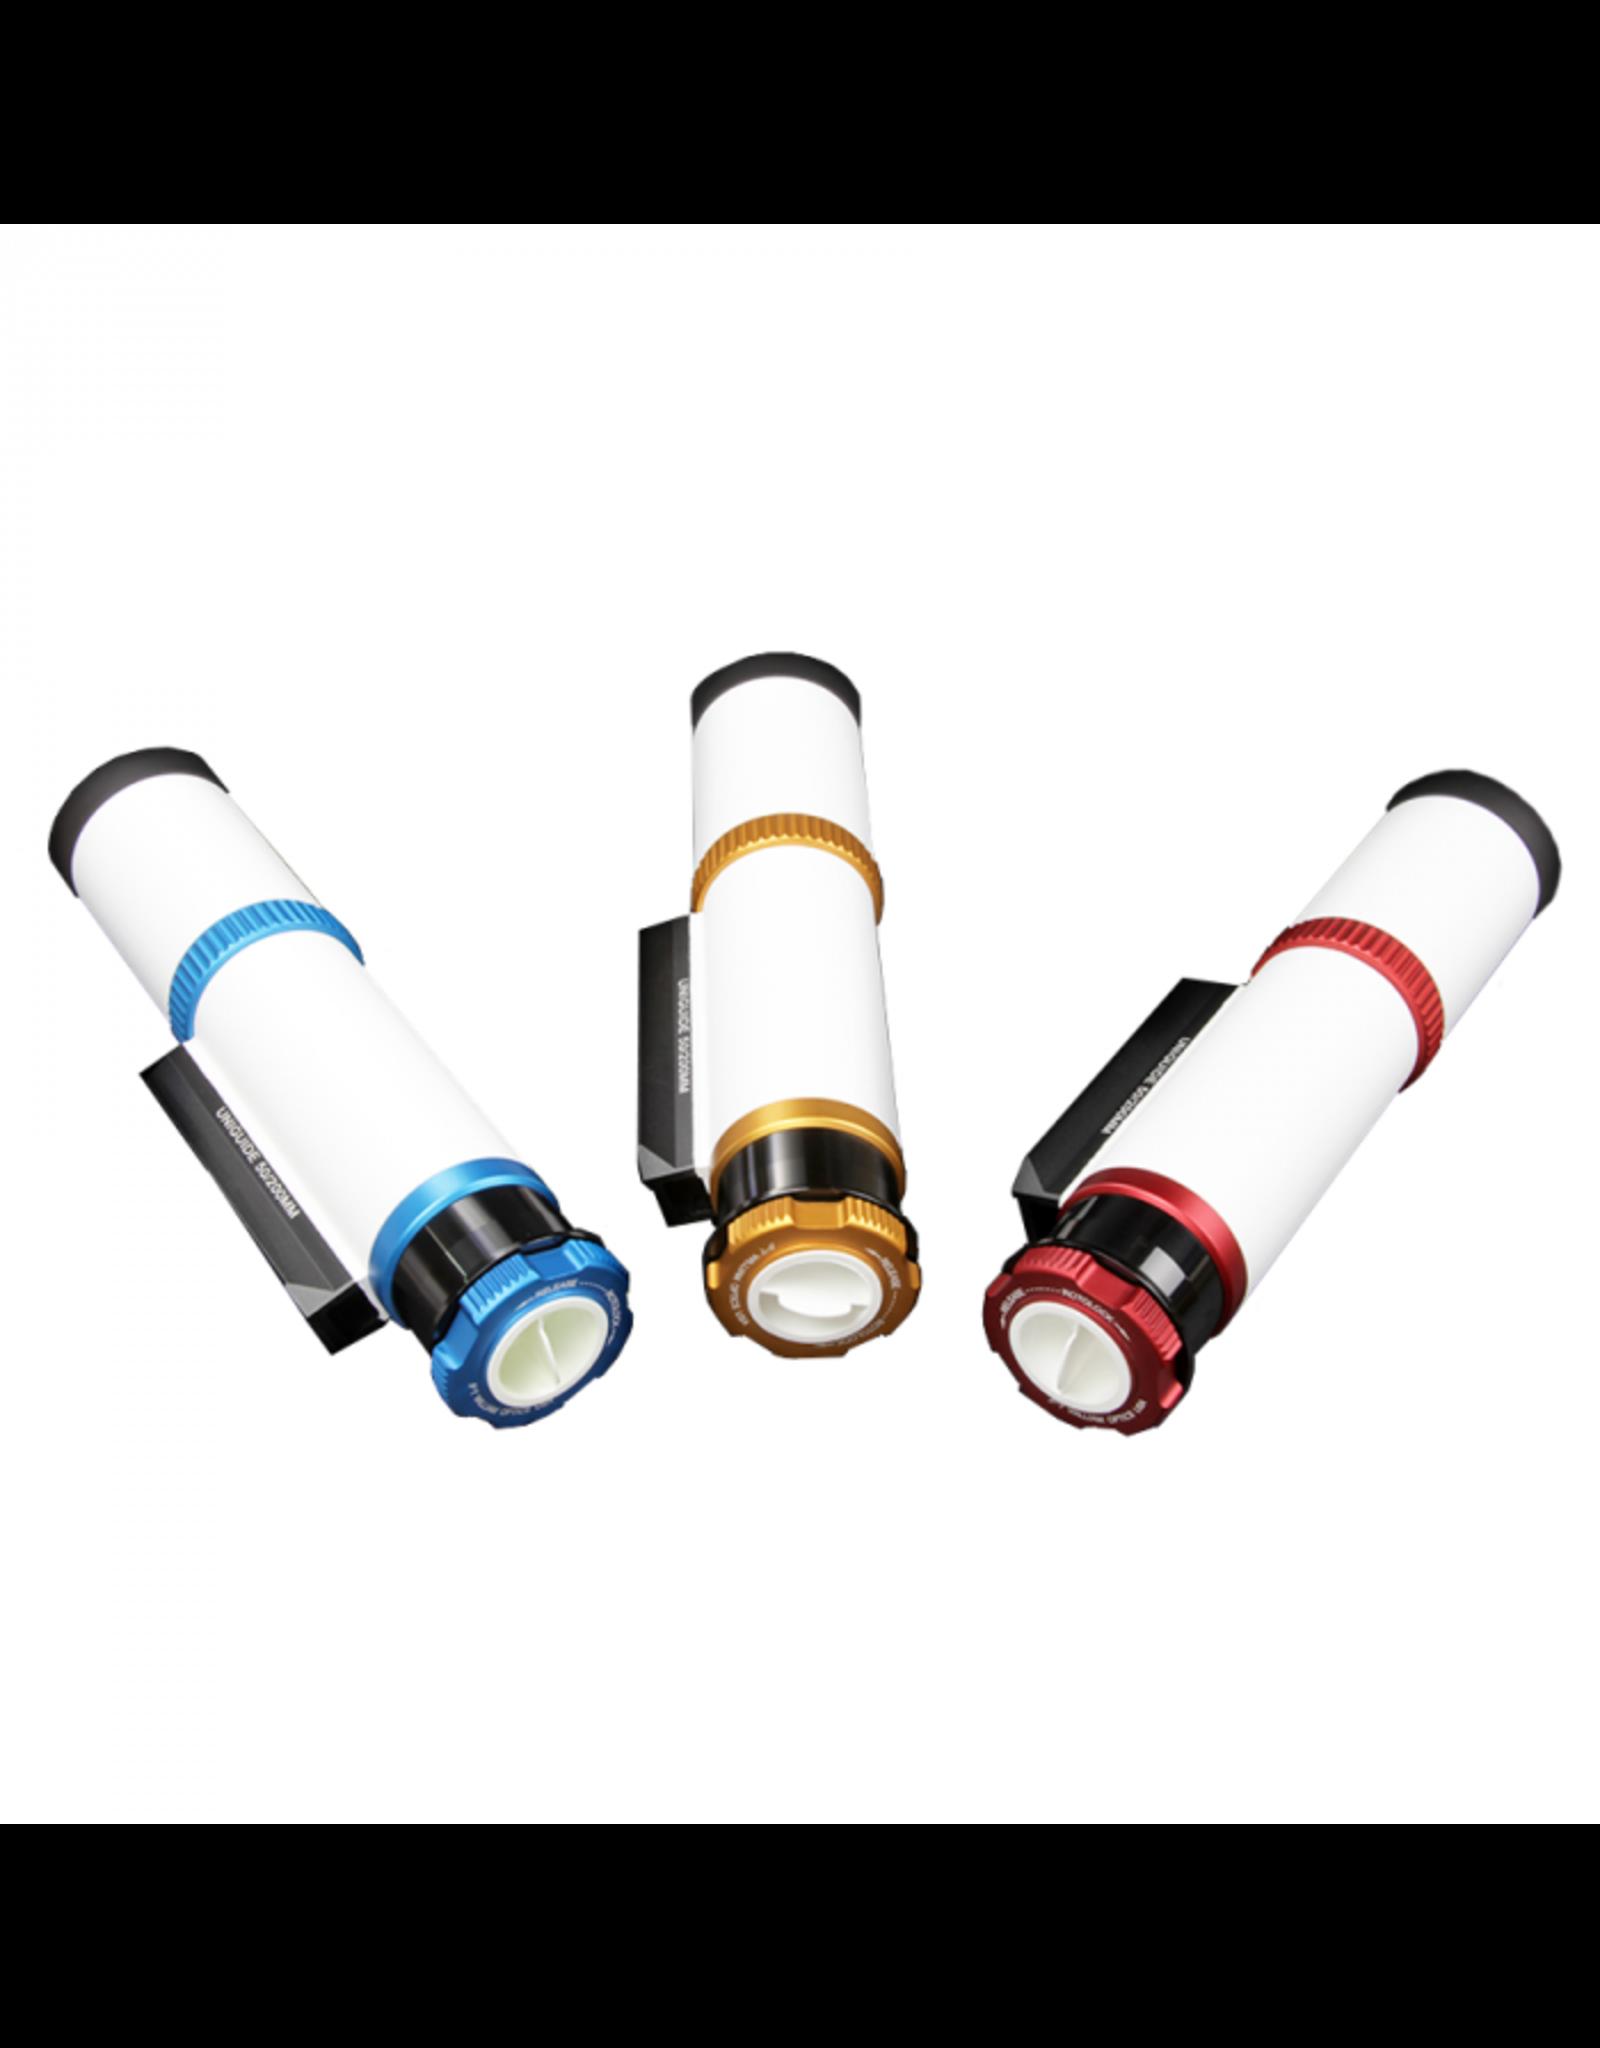 """William Optics William Optics UniGuide 50mm Slide-Base Guide Scope w/ 1.25"""" RotoLock - M-G50PB (Specify Color)"""